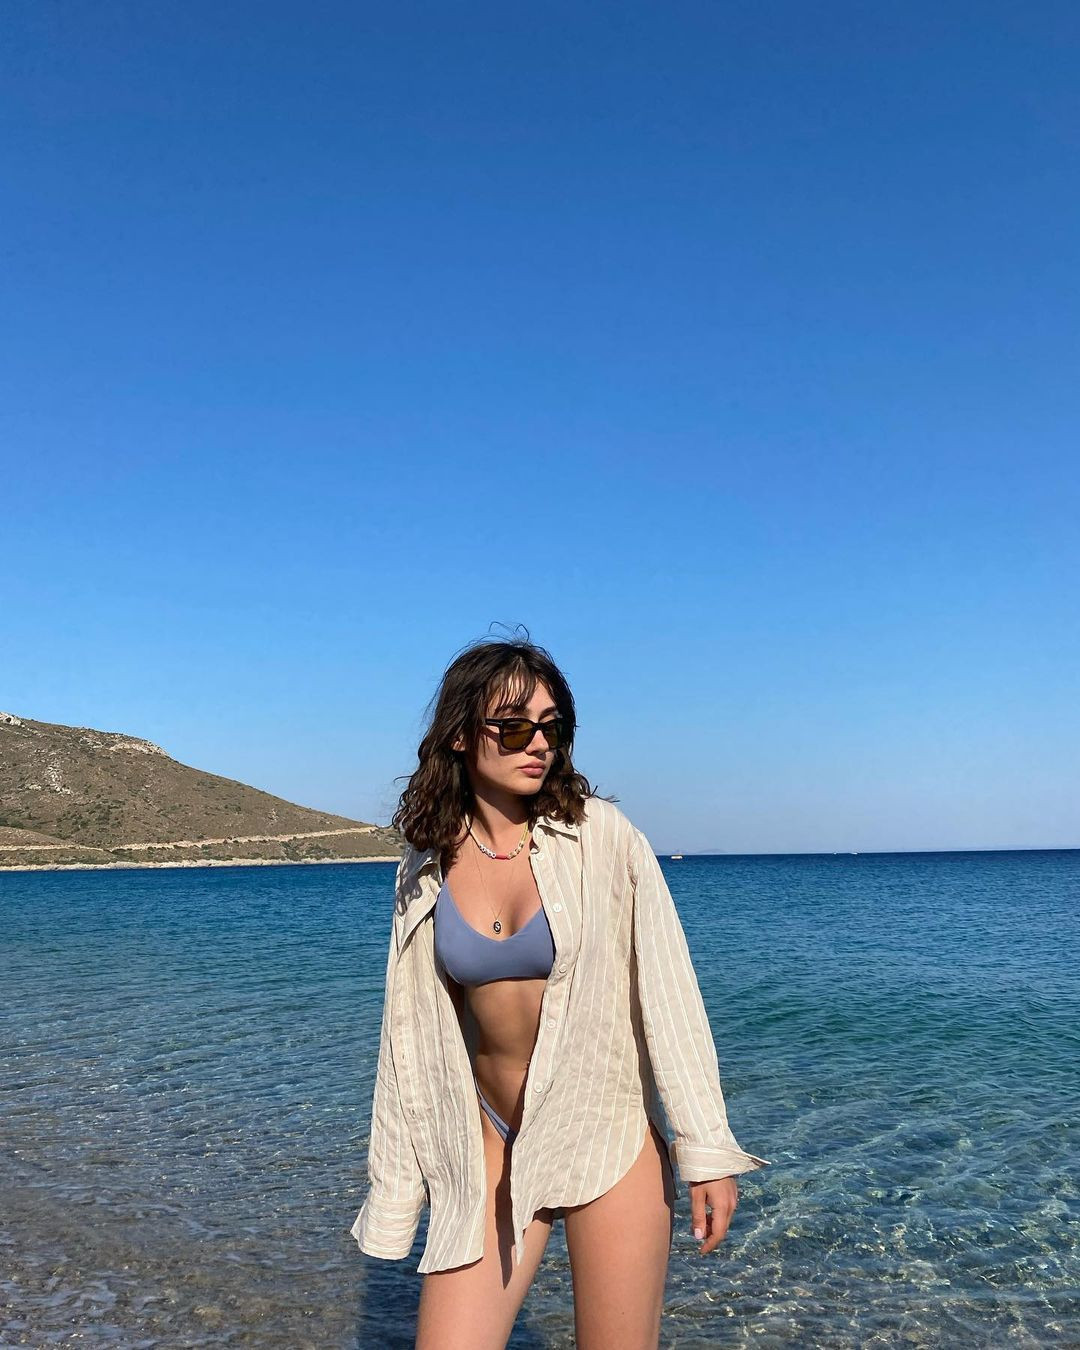 Uyanış Büyük Selçuklu'nun Turna Hatun'u Sevda Erginci bikini paylaşımı ile mest etti!